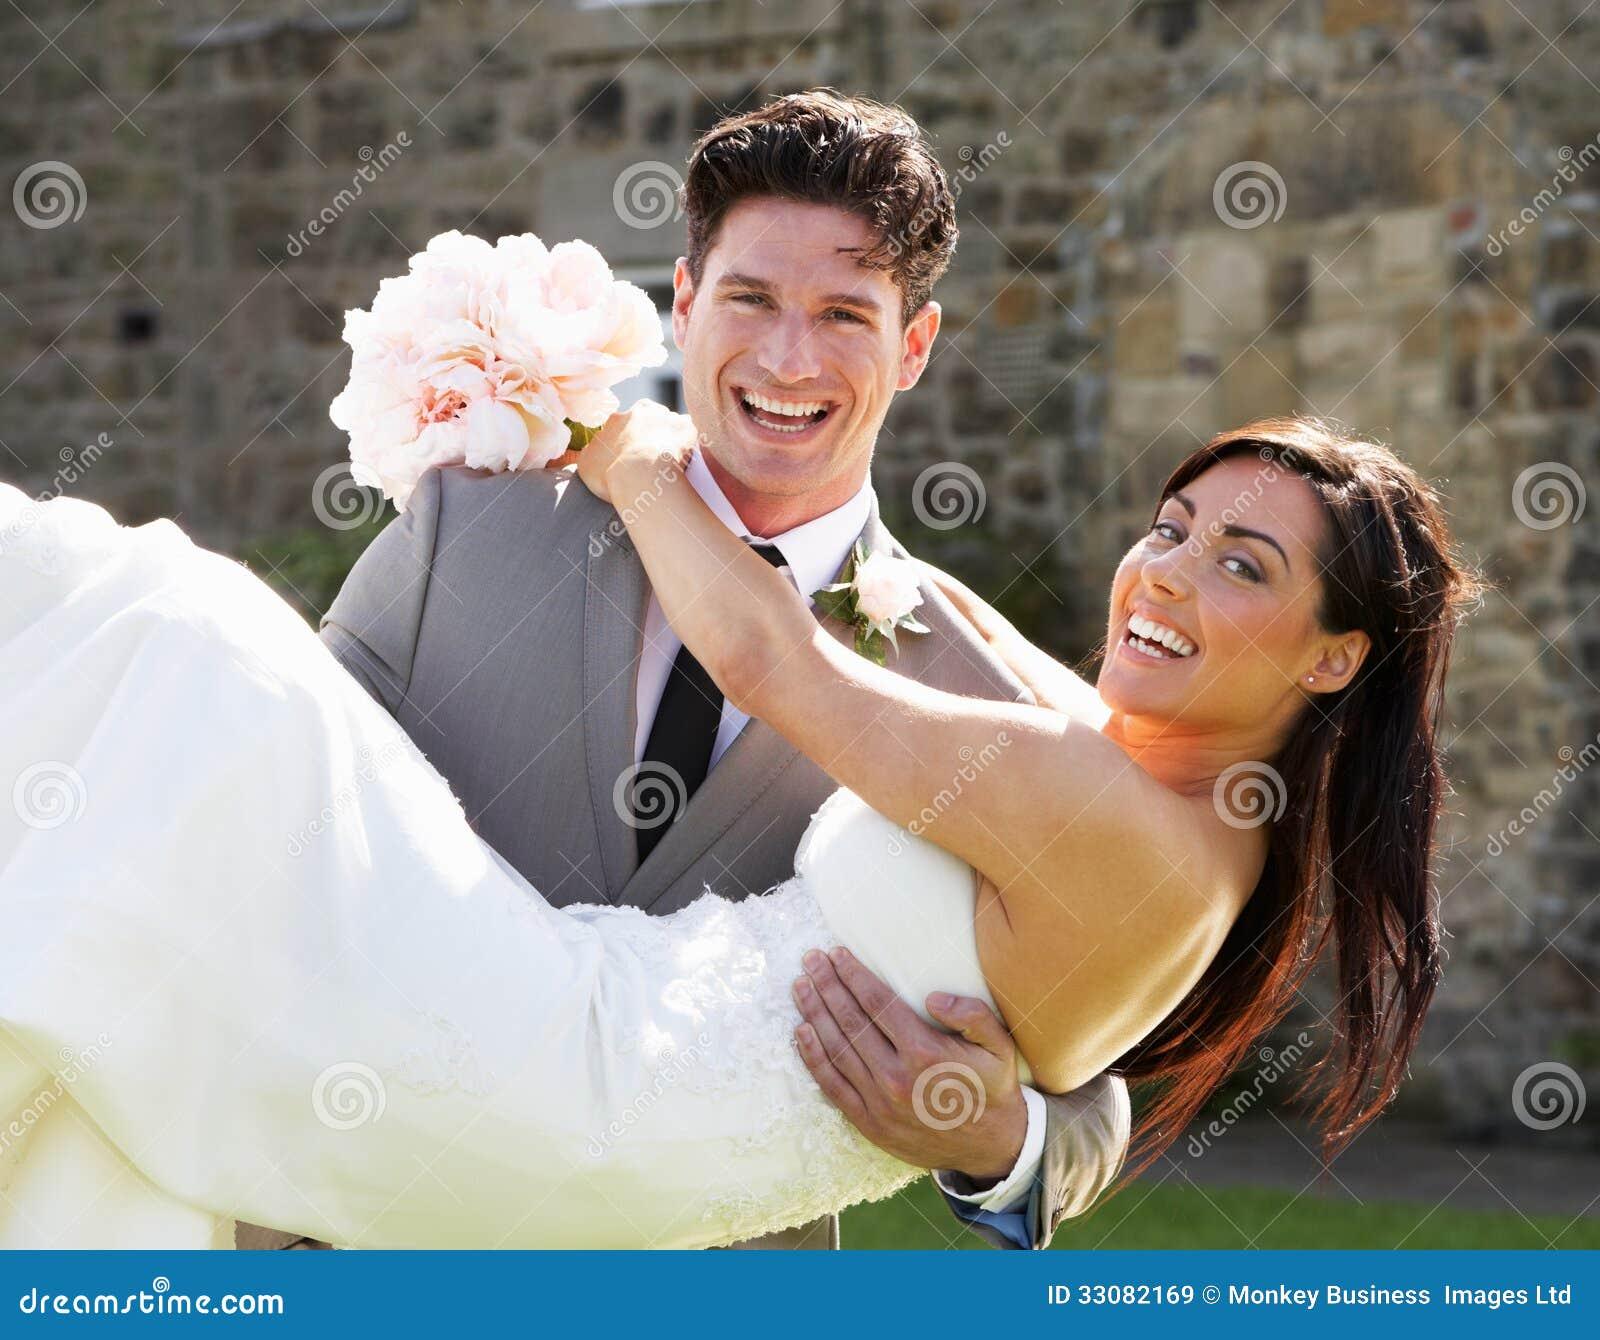 Romantische Braut und Bräutigam Embracing Outdoors